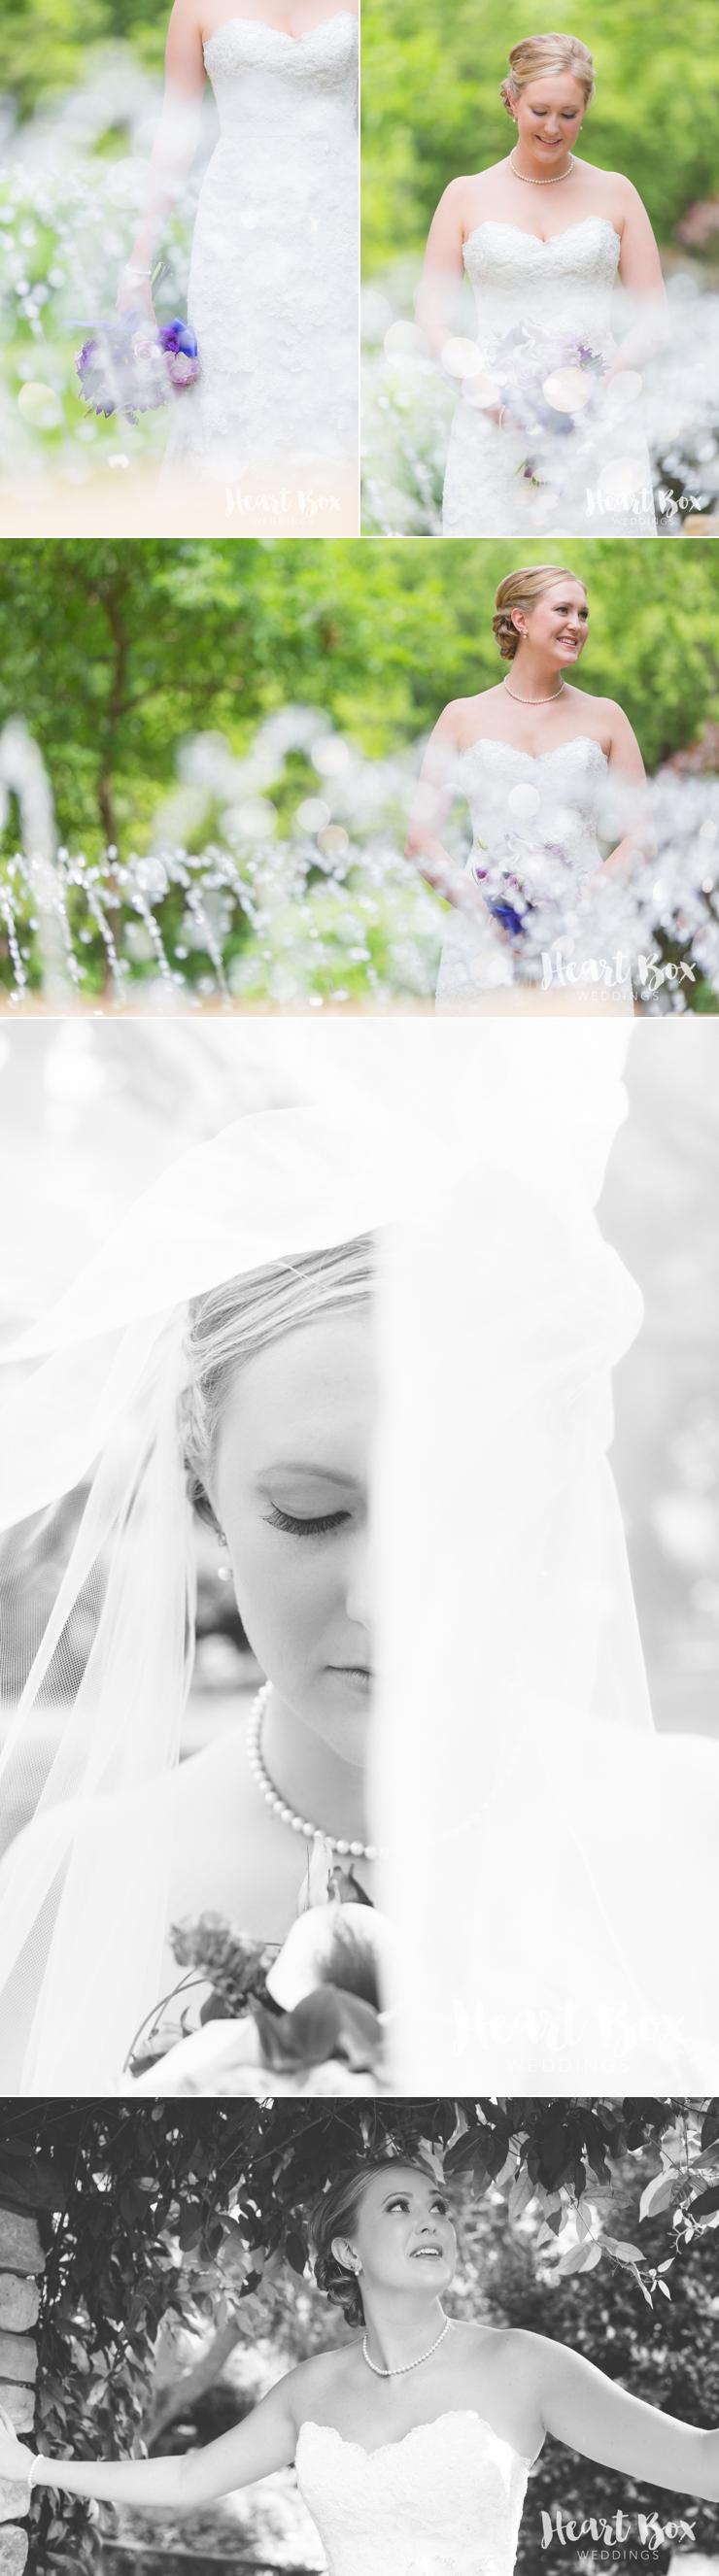 Kayla Bridal Blog Collage 4.jpg